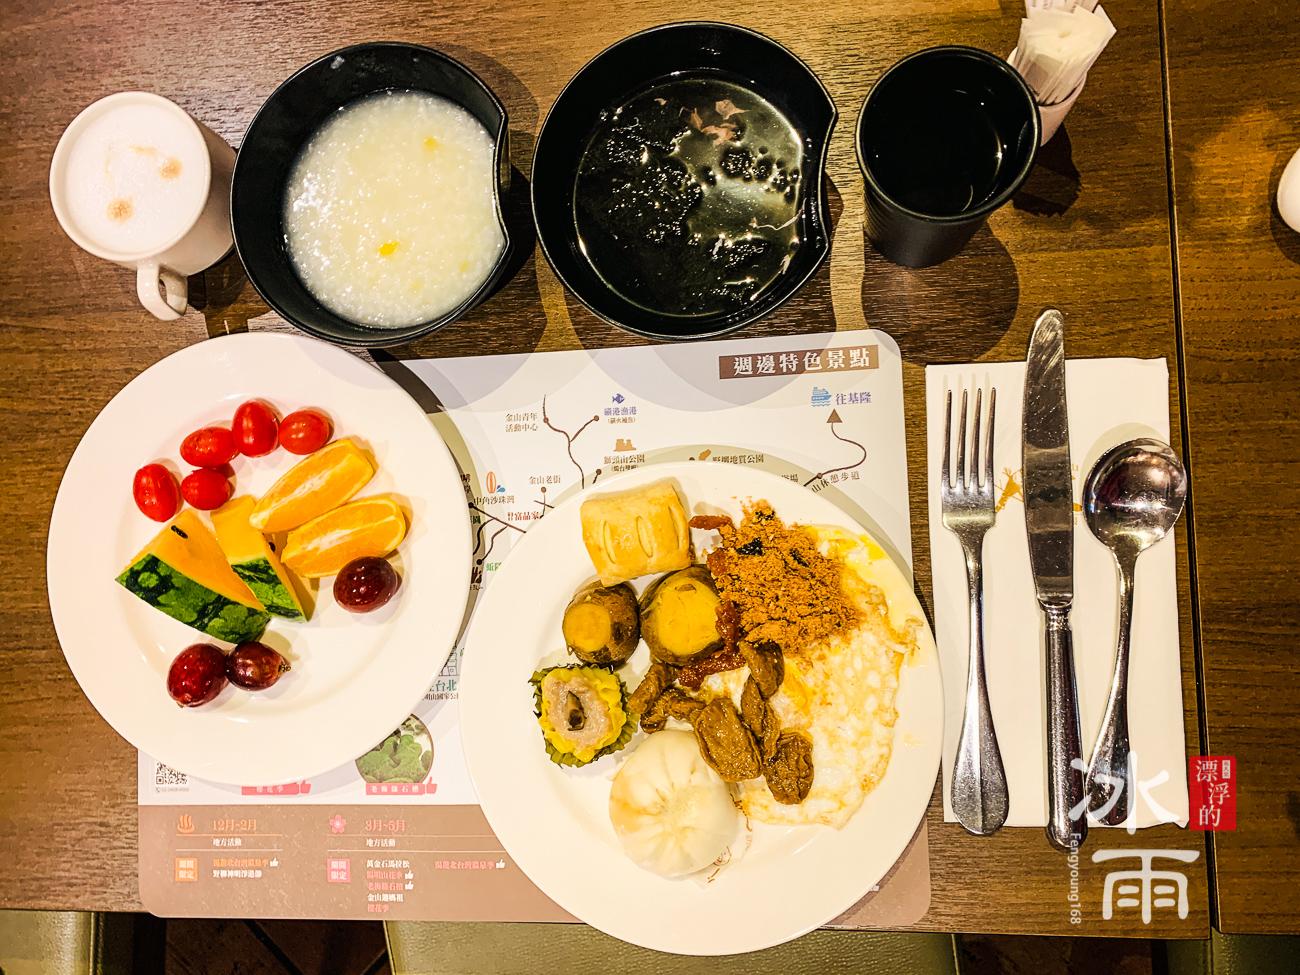 陽明山天籟溫泉會館|我的早餐菜色